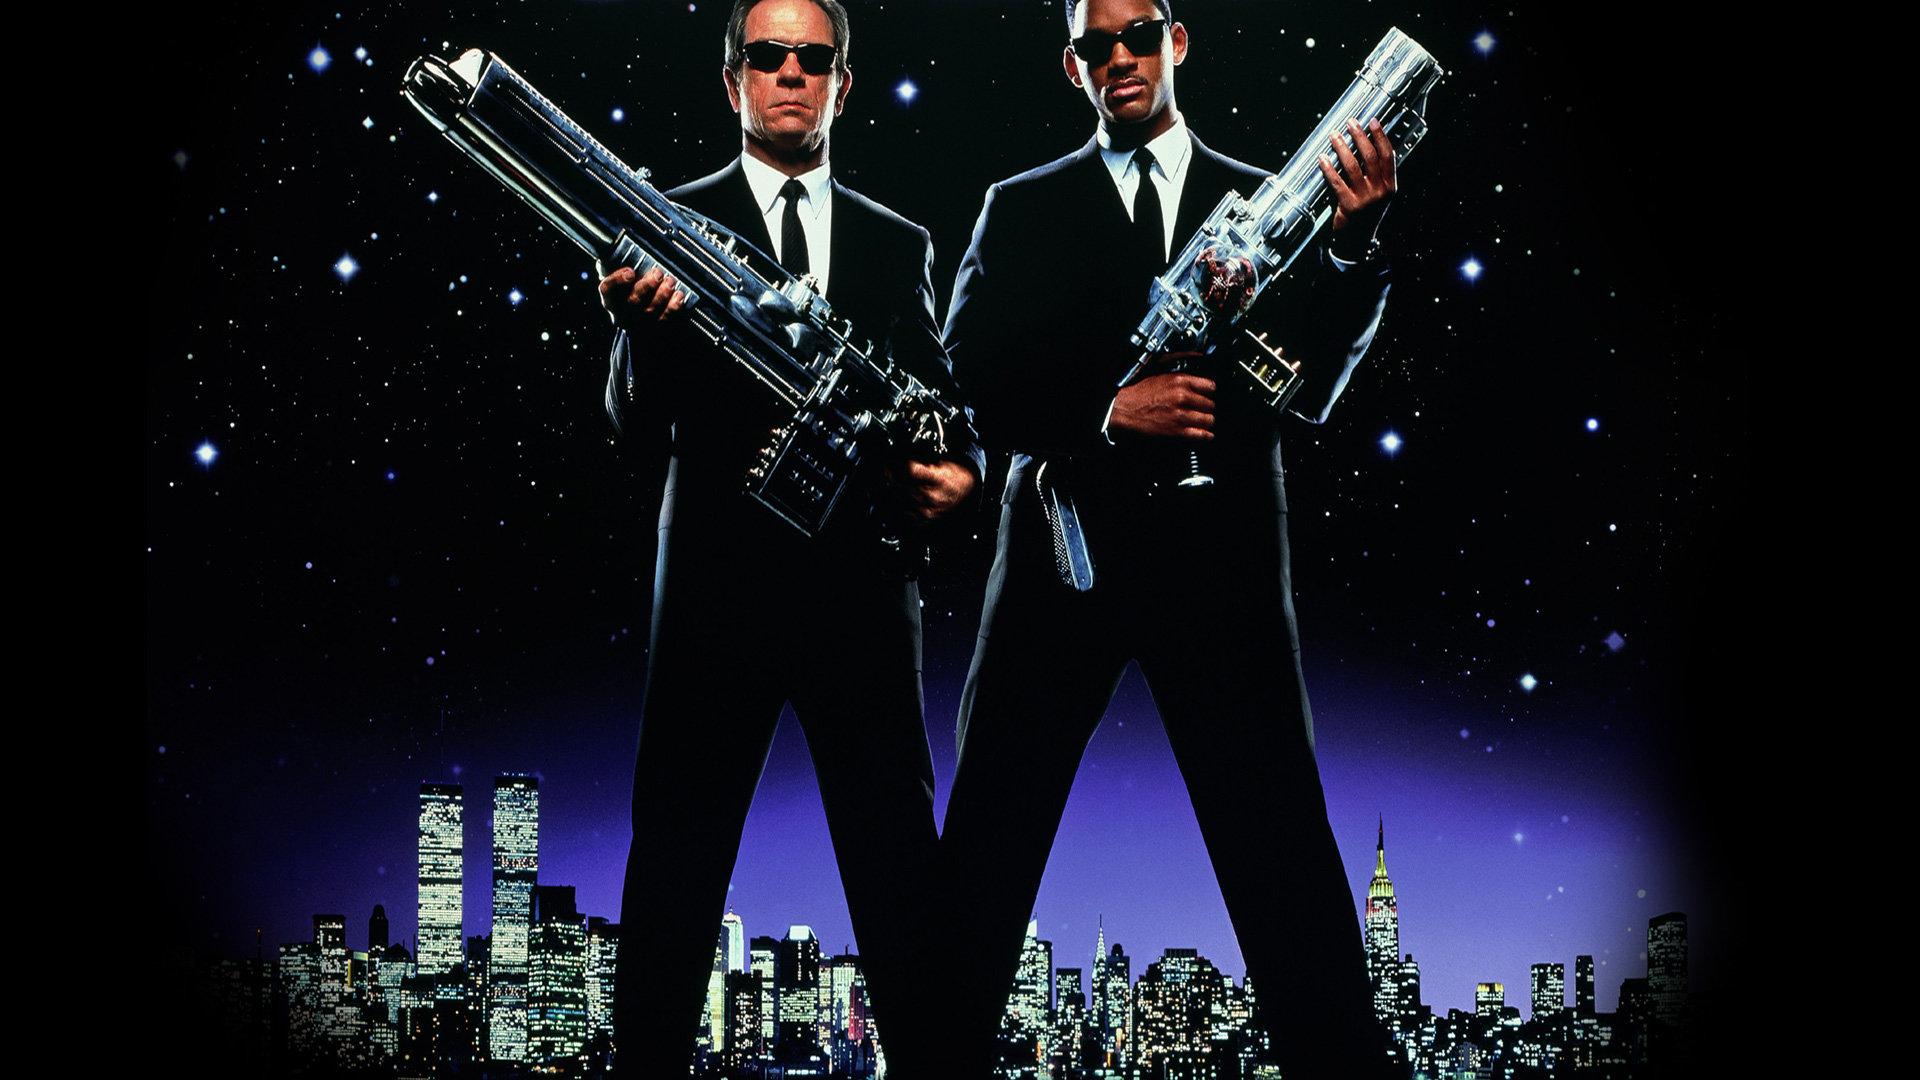 Pictures Men in Black Movies film